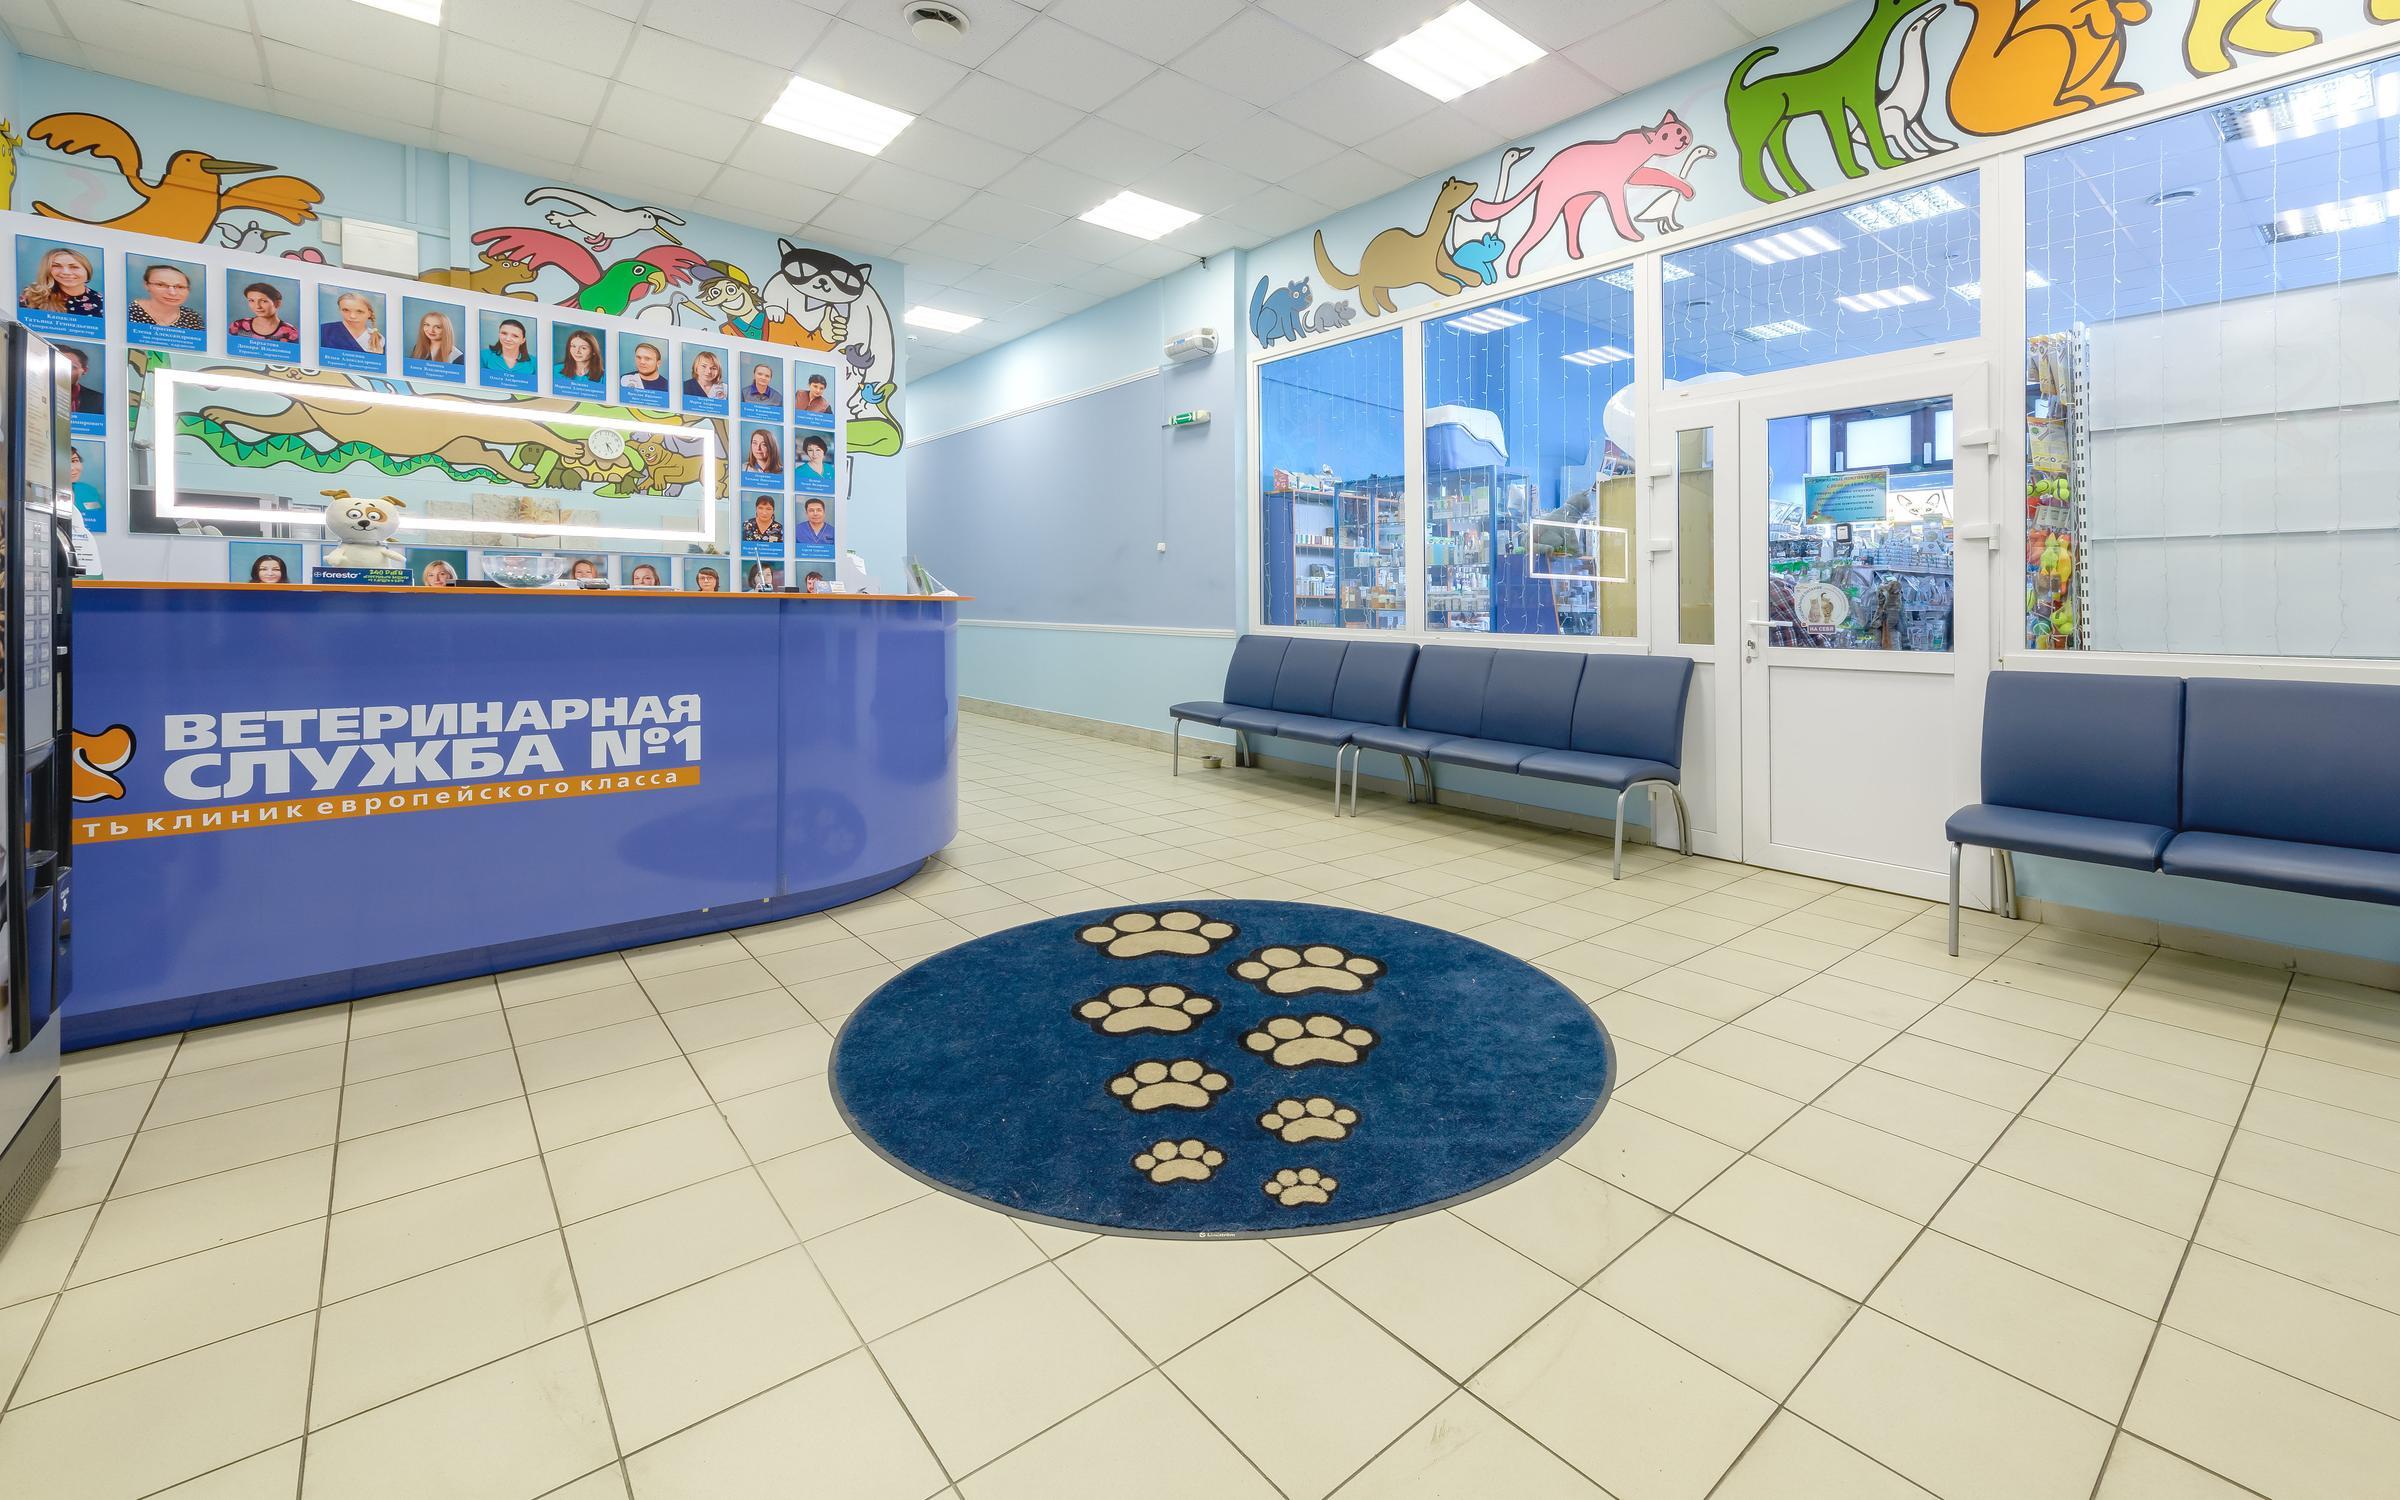 фотография Ветеринарной клиники Ветеринарная служба №1 на Ленинском проспекте, 106 к 3